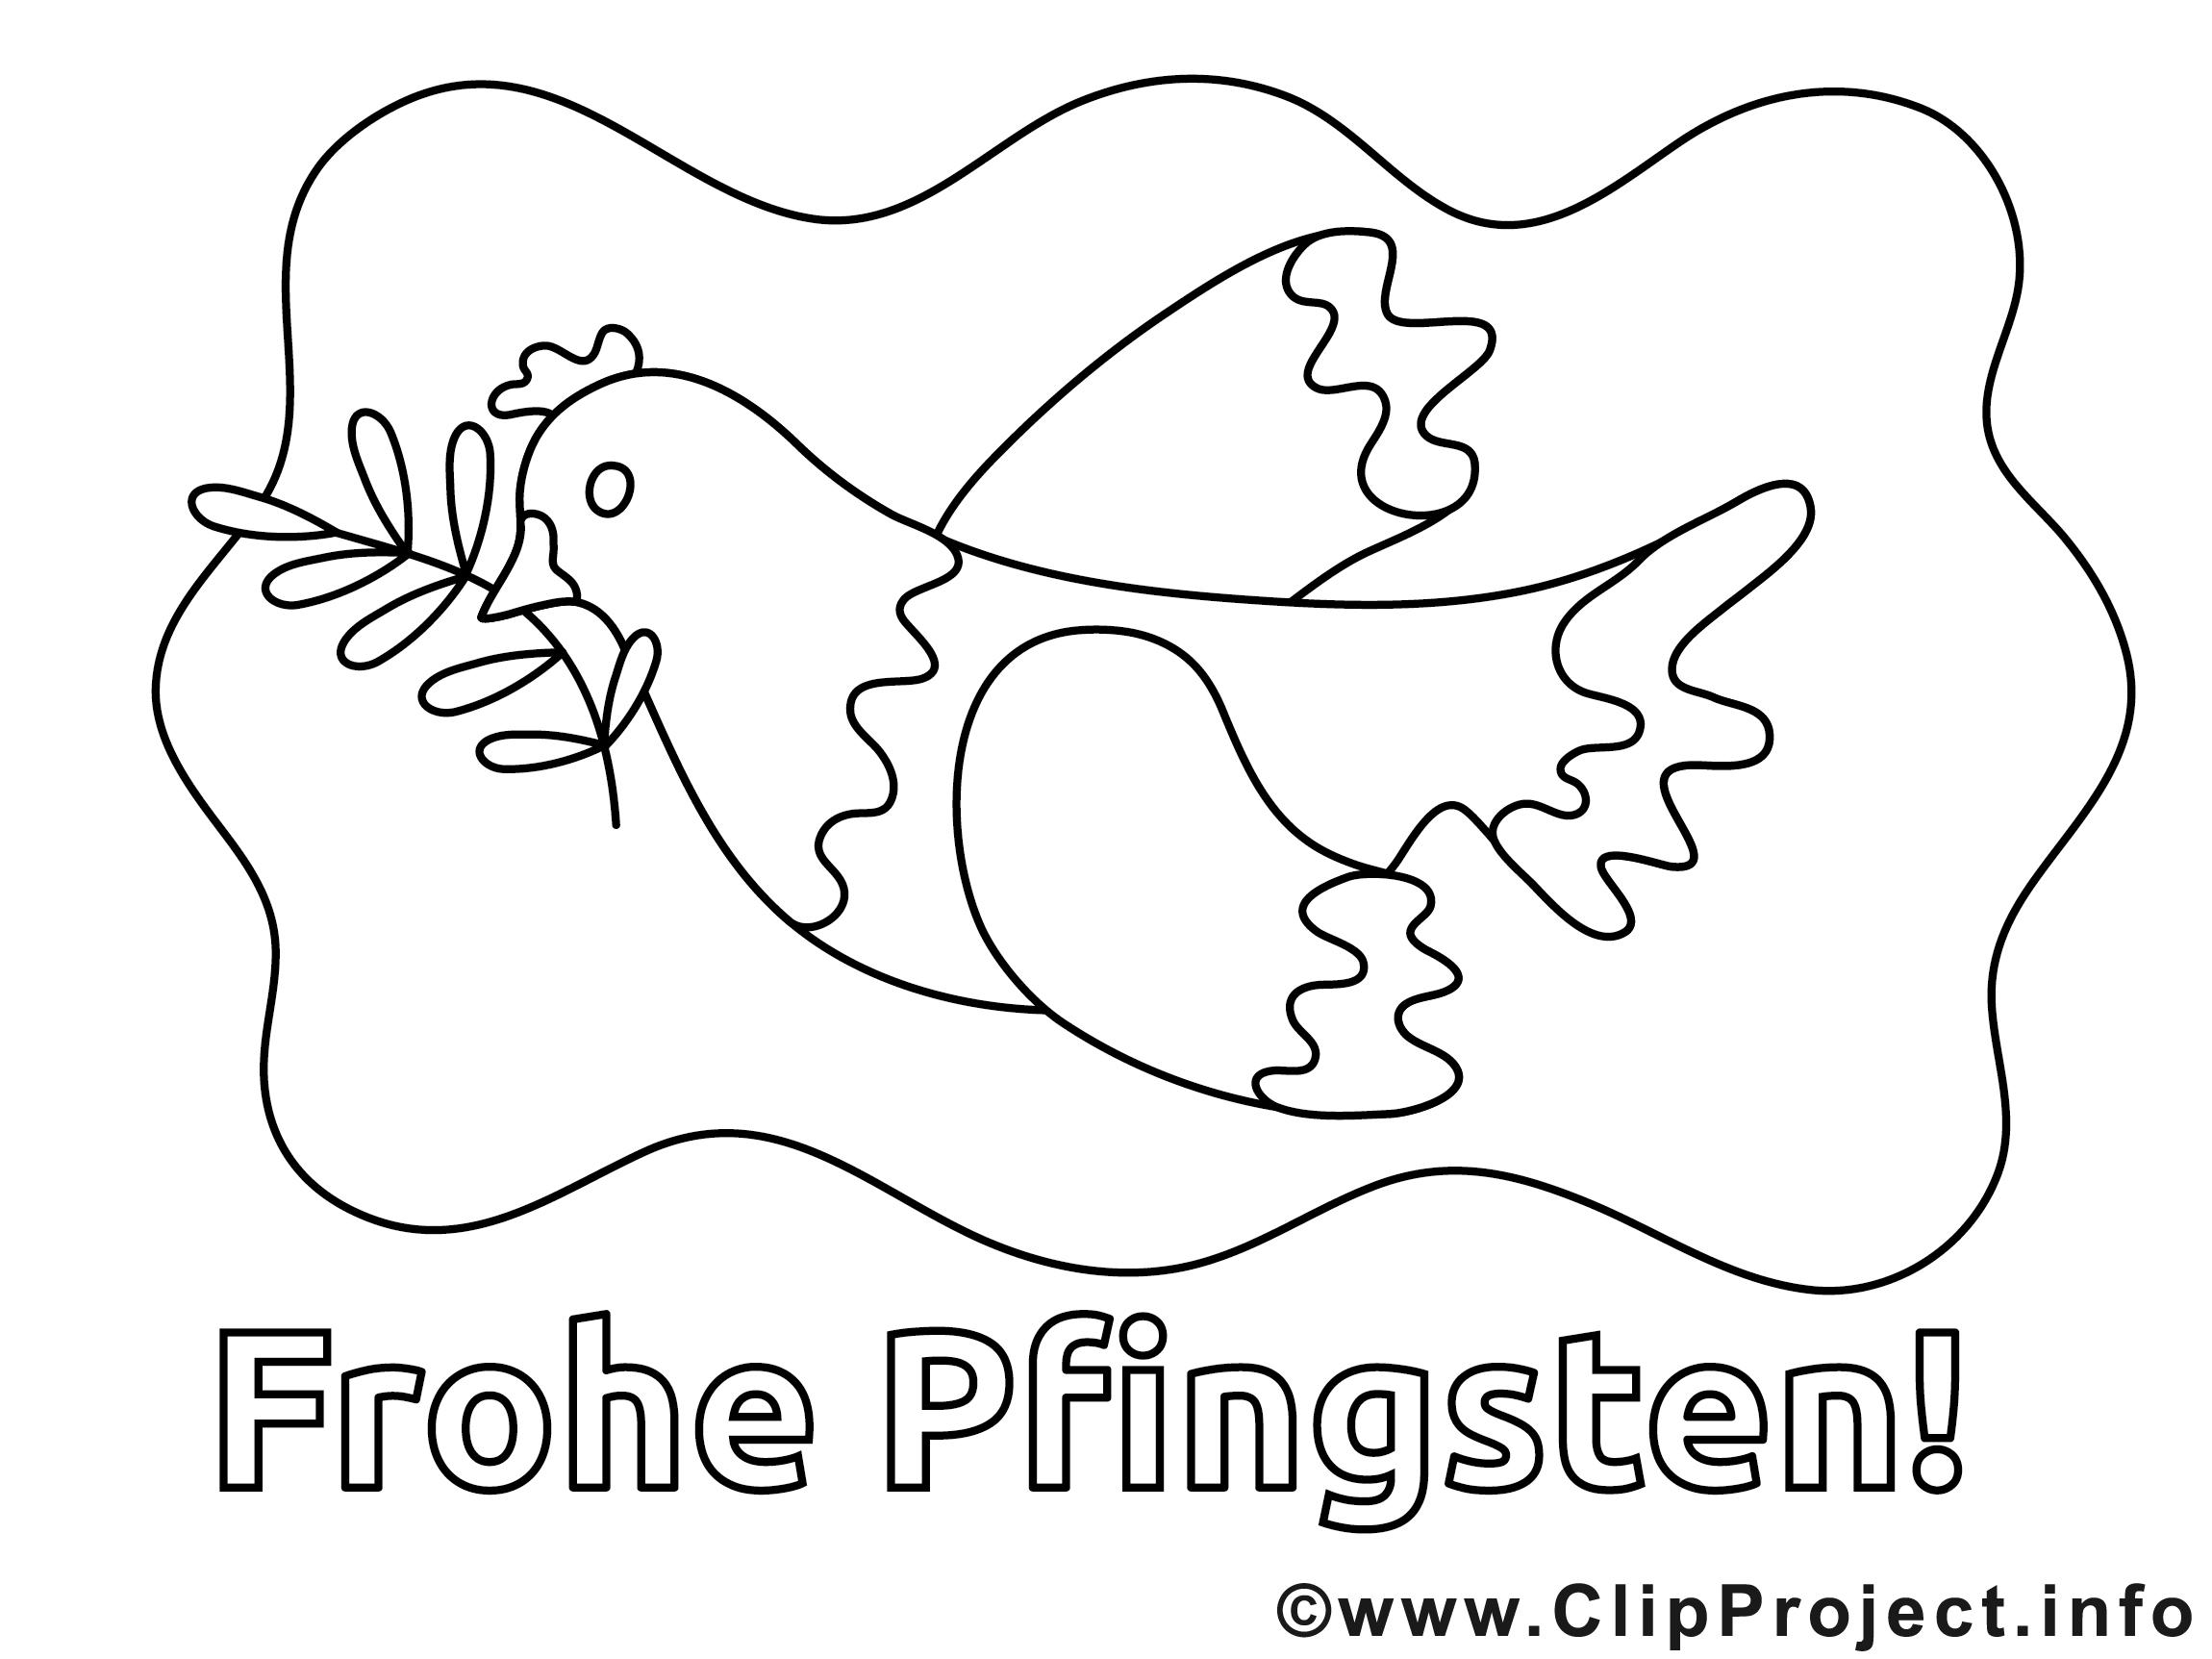 Frohe Pfingsten Ausmalbilder für Kinder kostenlos ausdrucken